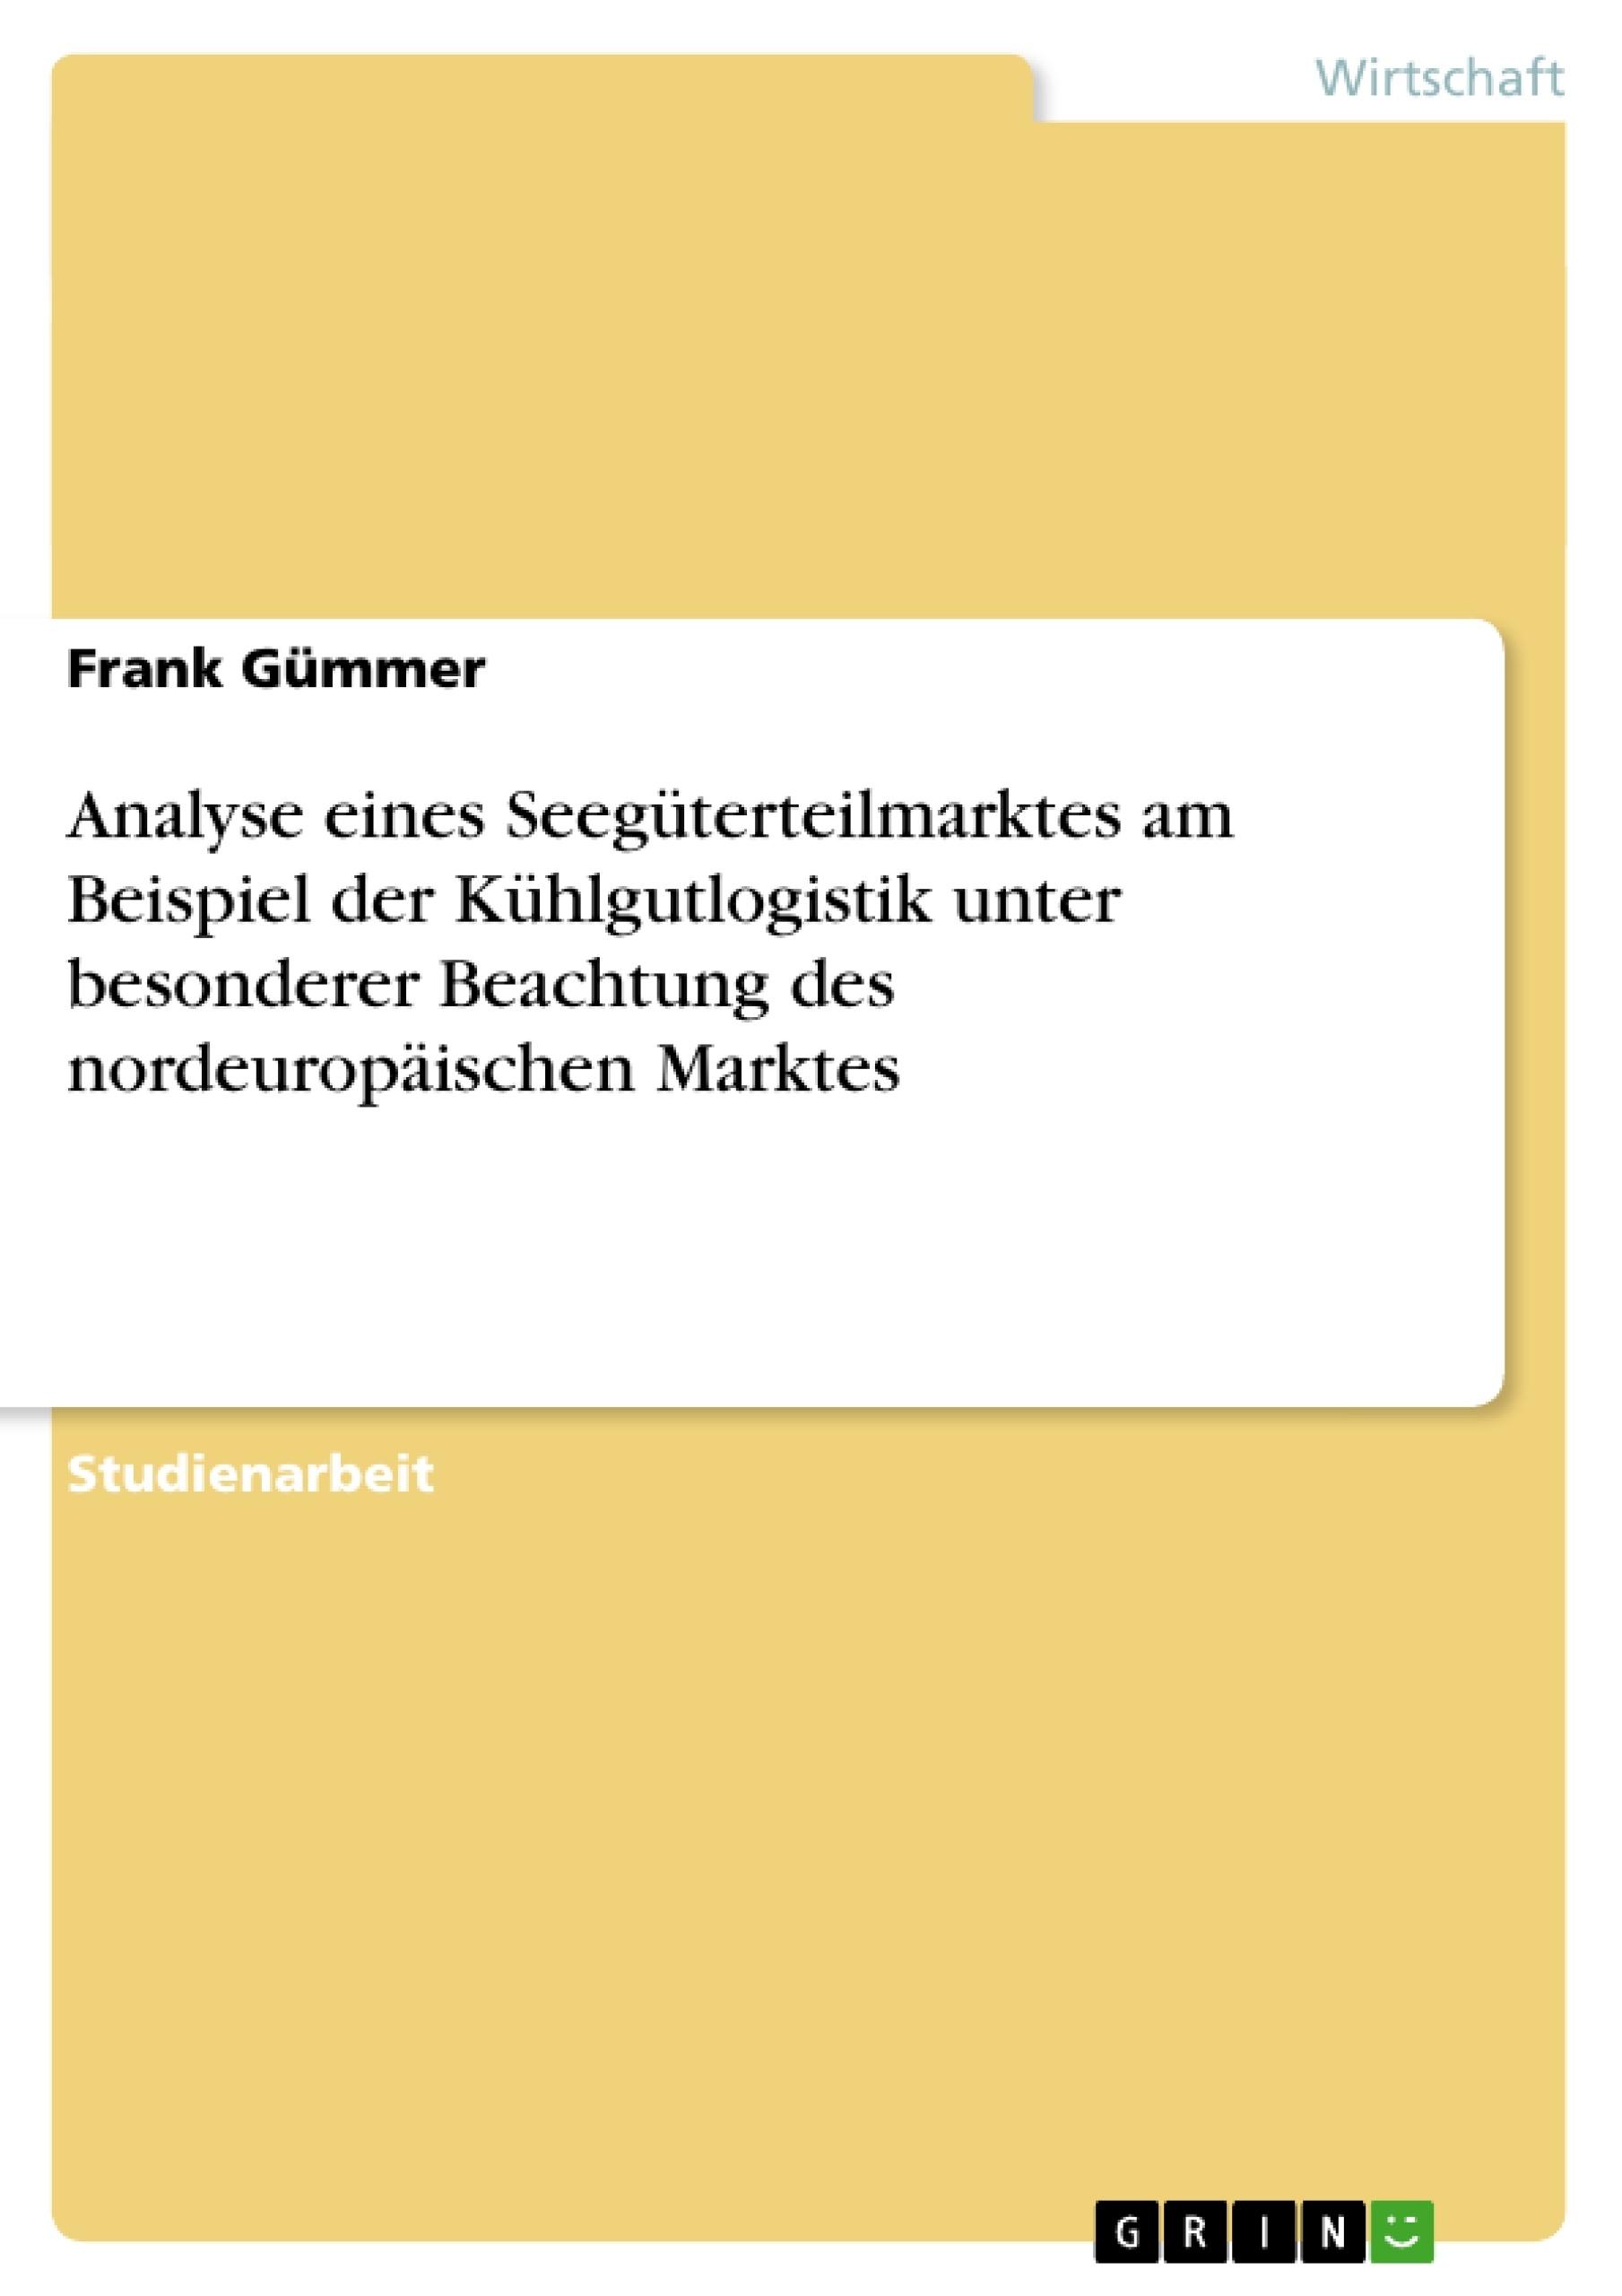 Titel: Analyse eines Seegüterteilmarktes am Beispiel der Kühlgutlogistik unter besonderer Beachtung des nordeuropäischen Marktes